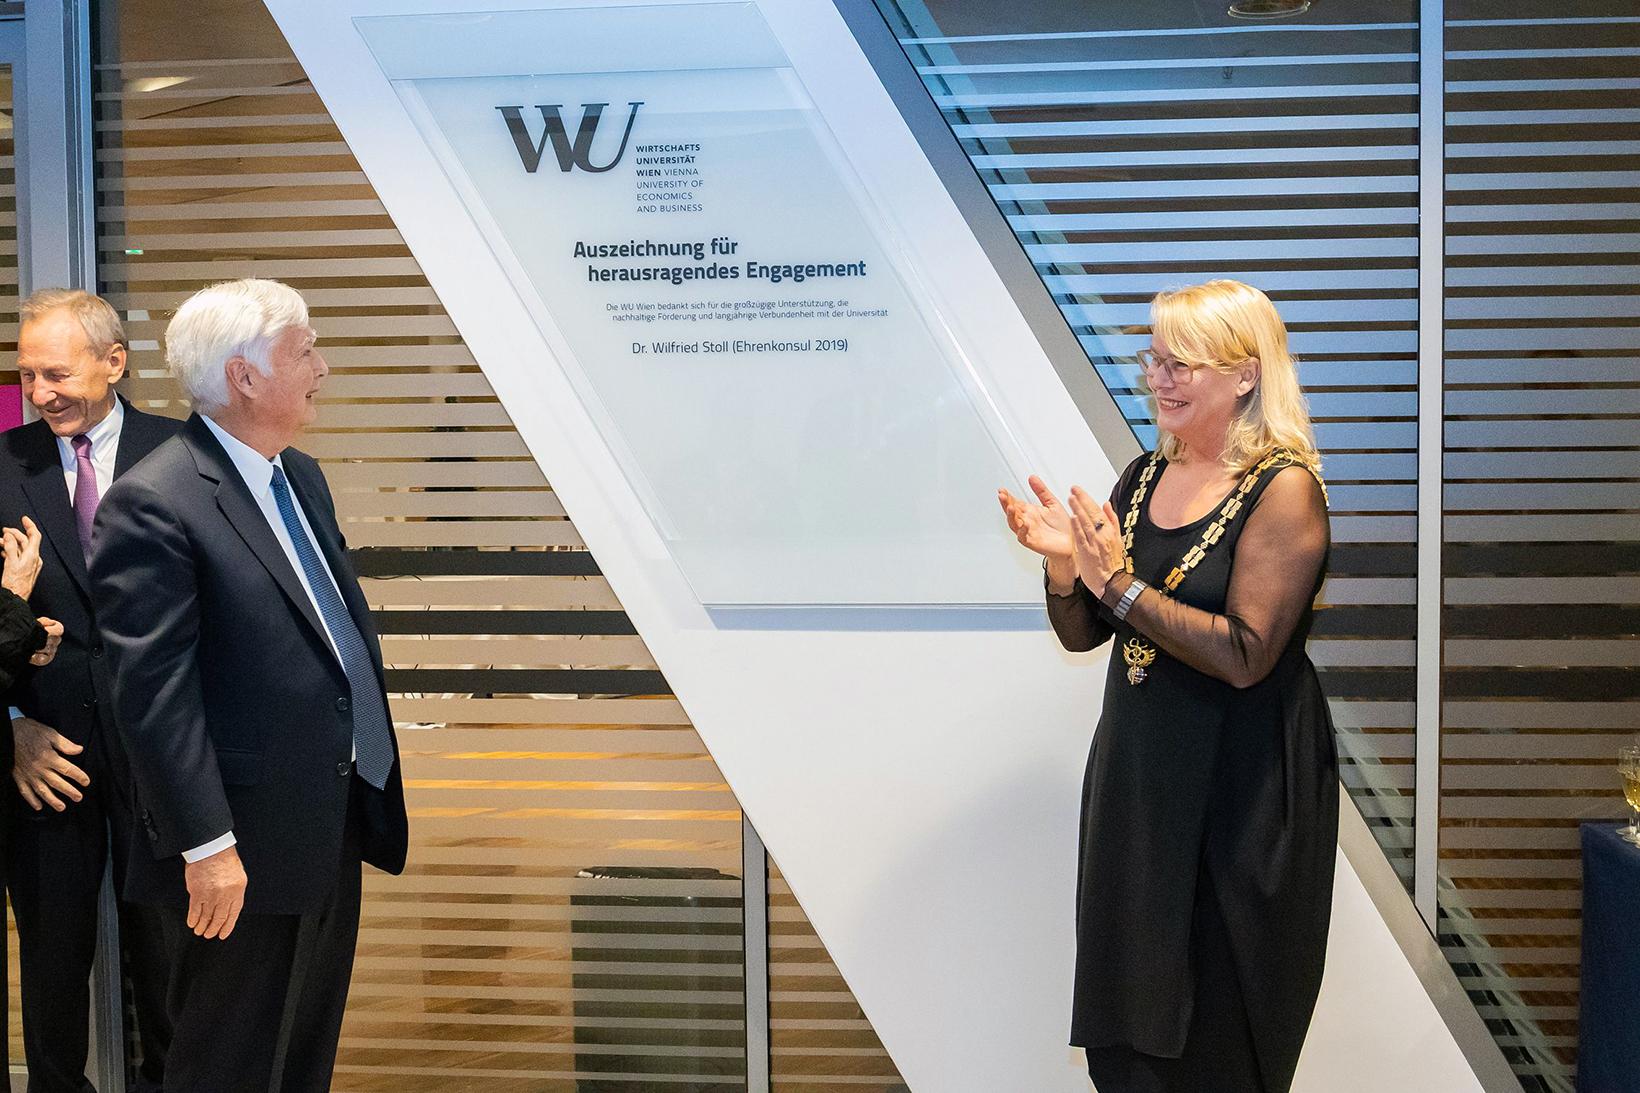 Dr. Wilfried Stoll Ehrenkonsul mit Rektorin Hanappi Egger